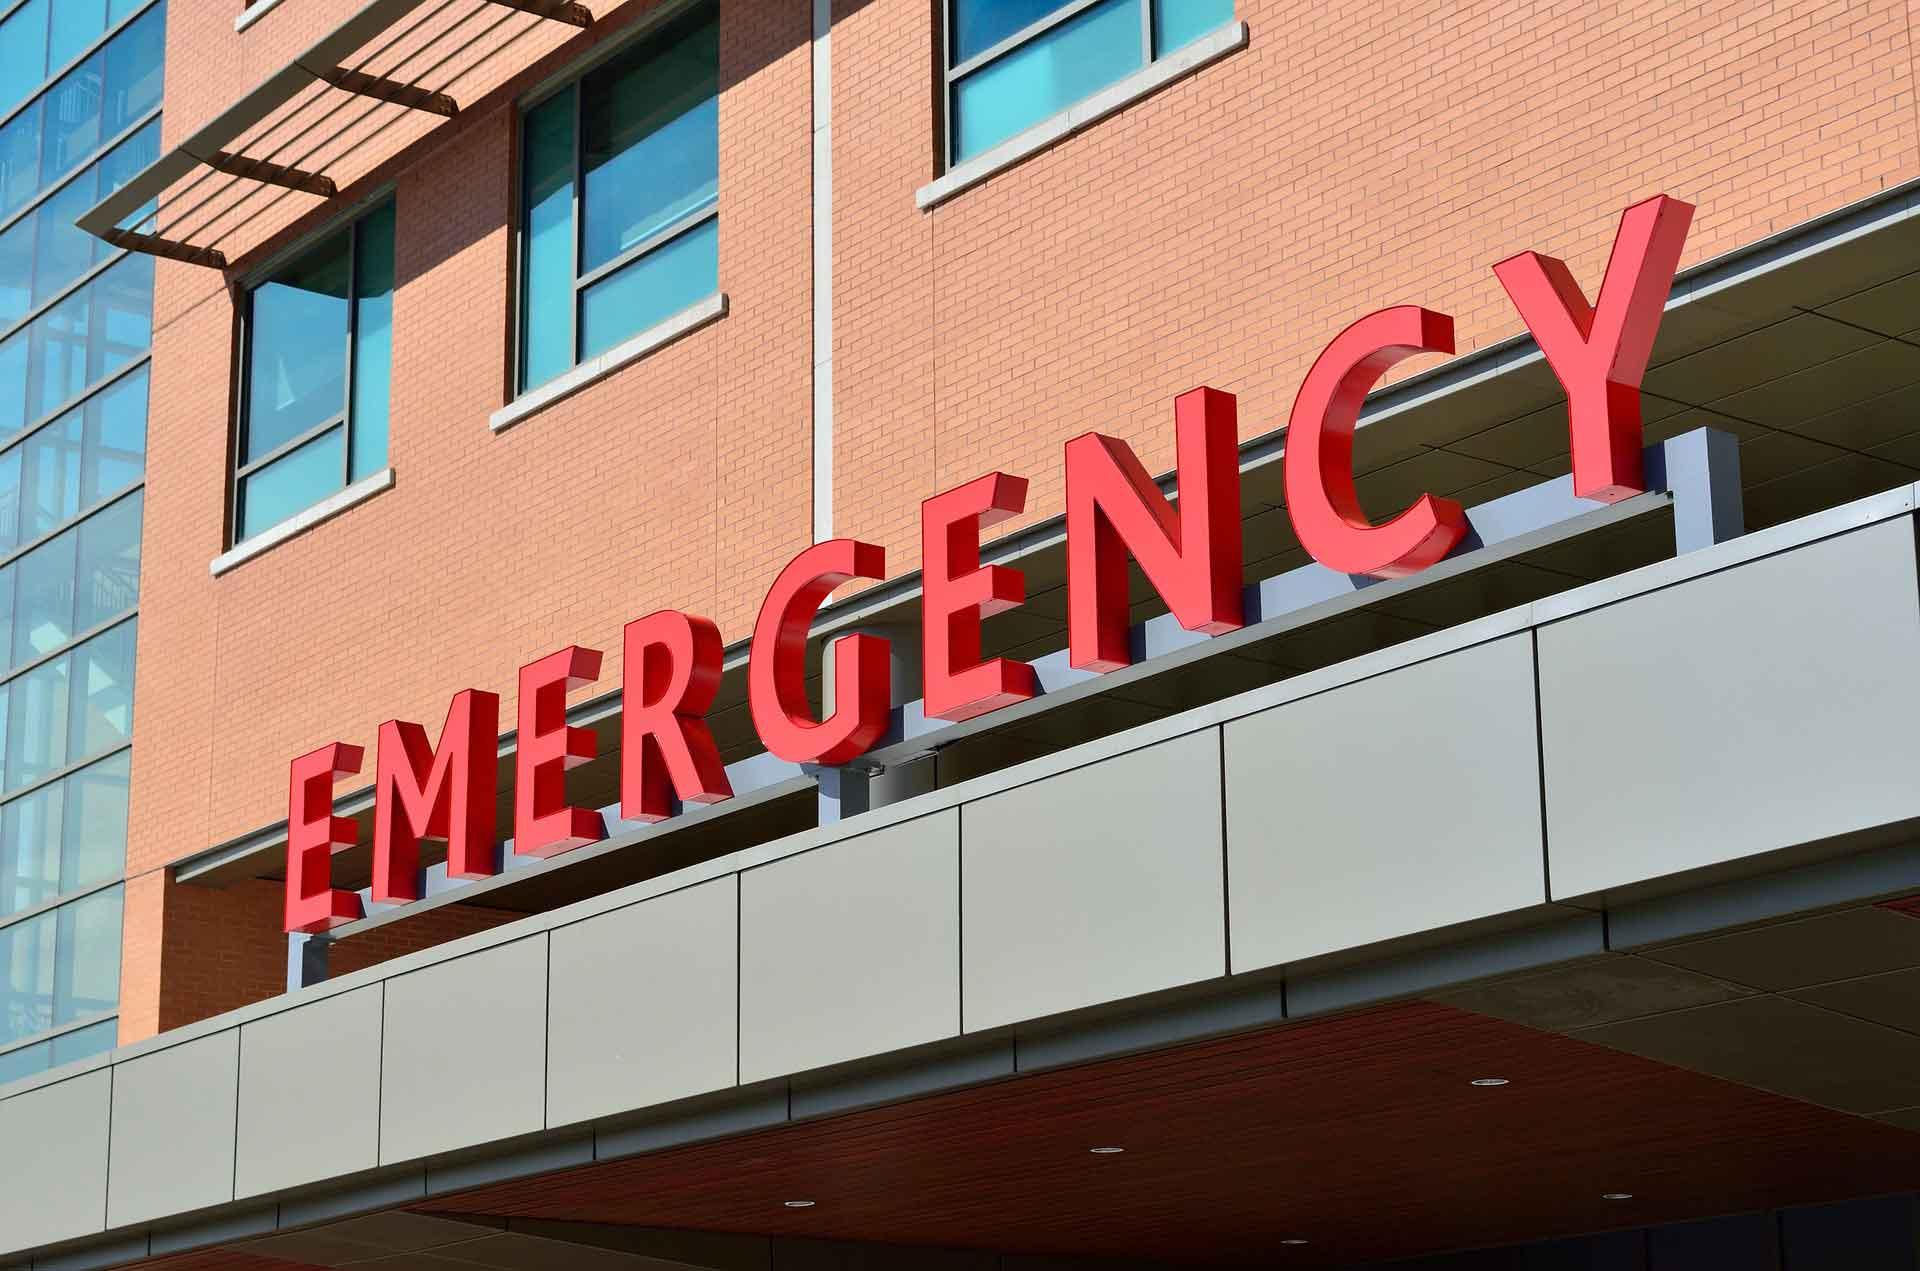 emergency-1137137_1920-min.jpg